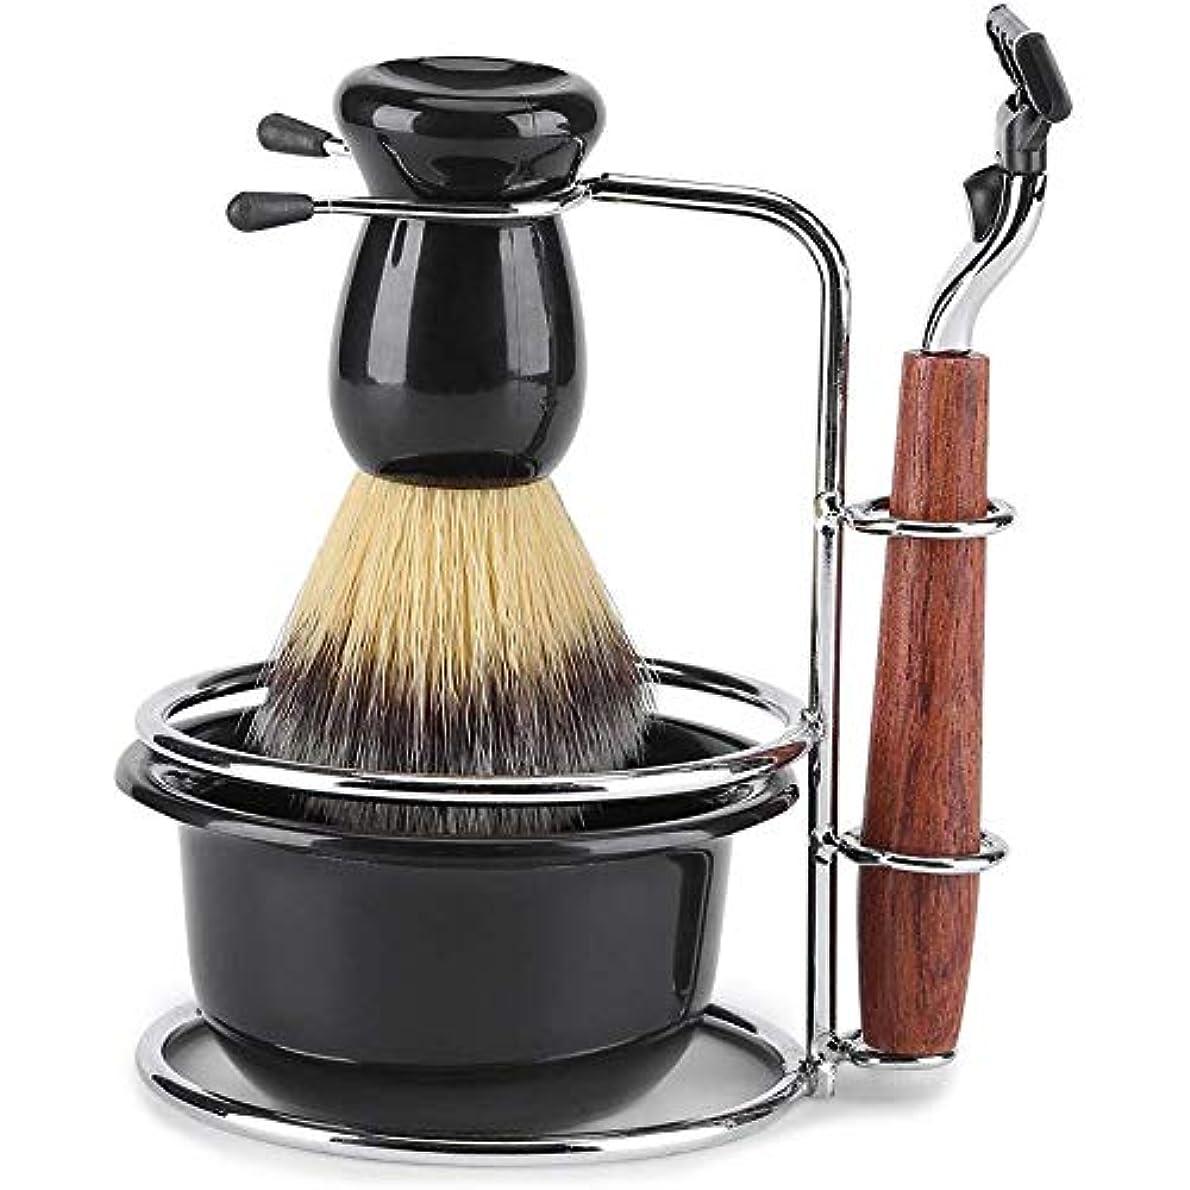 郵便局ケイ素化粧4セットシェービングブラシセットプラシスタンド 石鹸ボウル父の日プレゼント ひげブラシ シェービングブラシ 洗顔 髭剃り